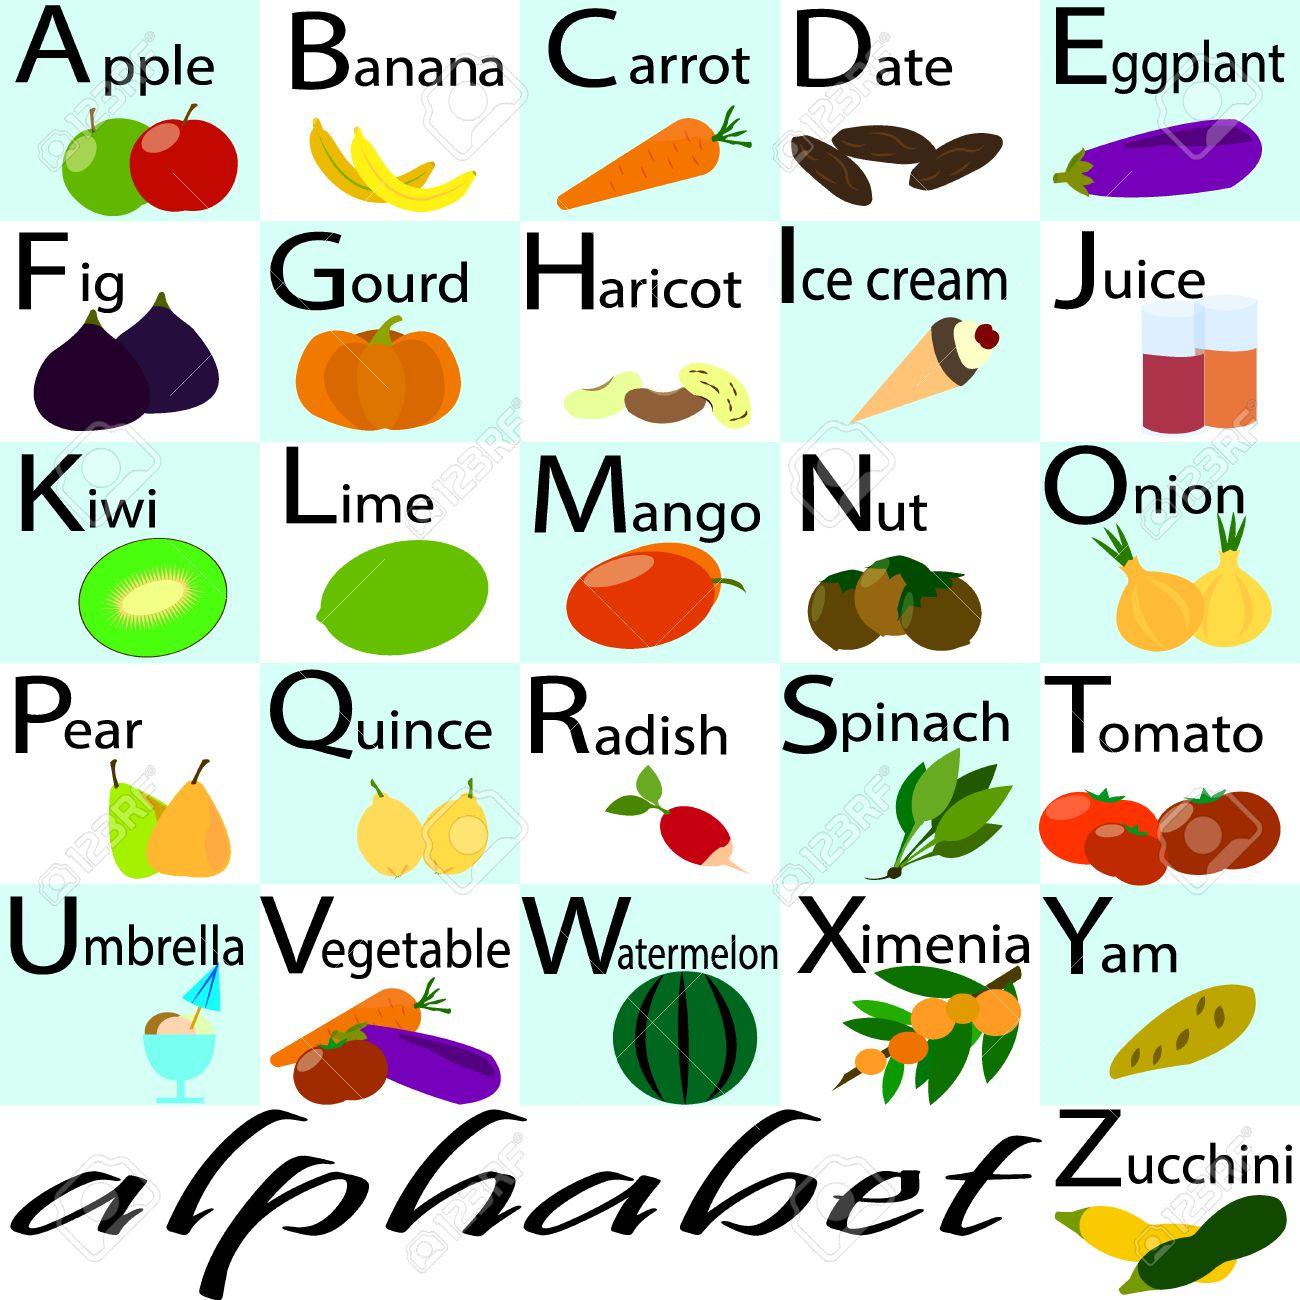 El Alfabeto Del Mayúsculas Con Frutas Y Verduras Ornamento Alfabeto Para Los Niños Con Frutas Y Verduras Volver A La Escuela Aprender El Alfabeto